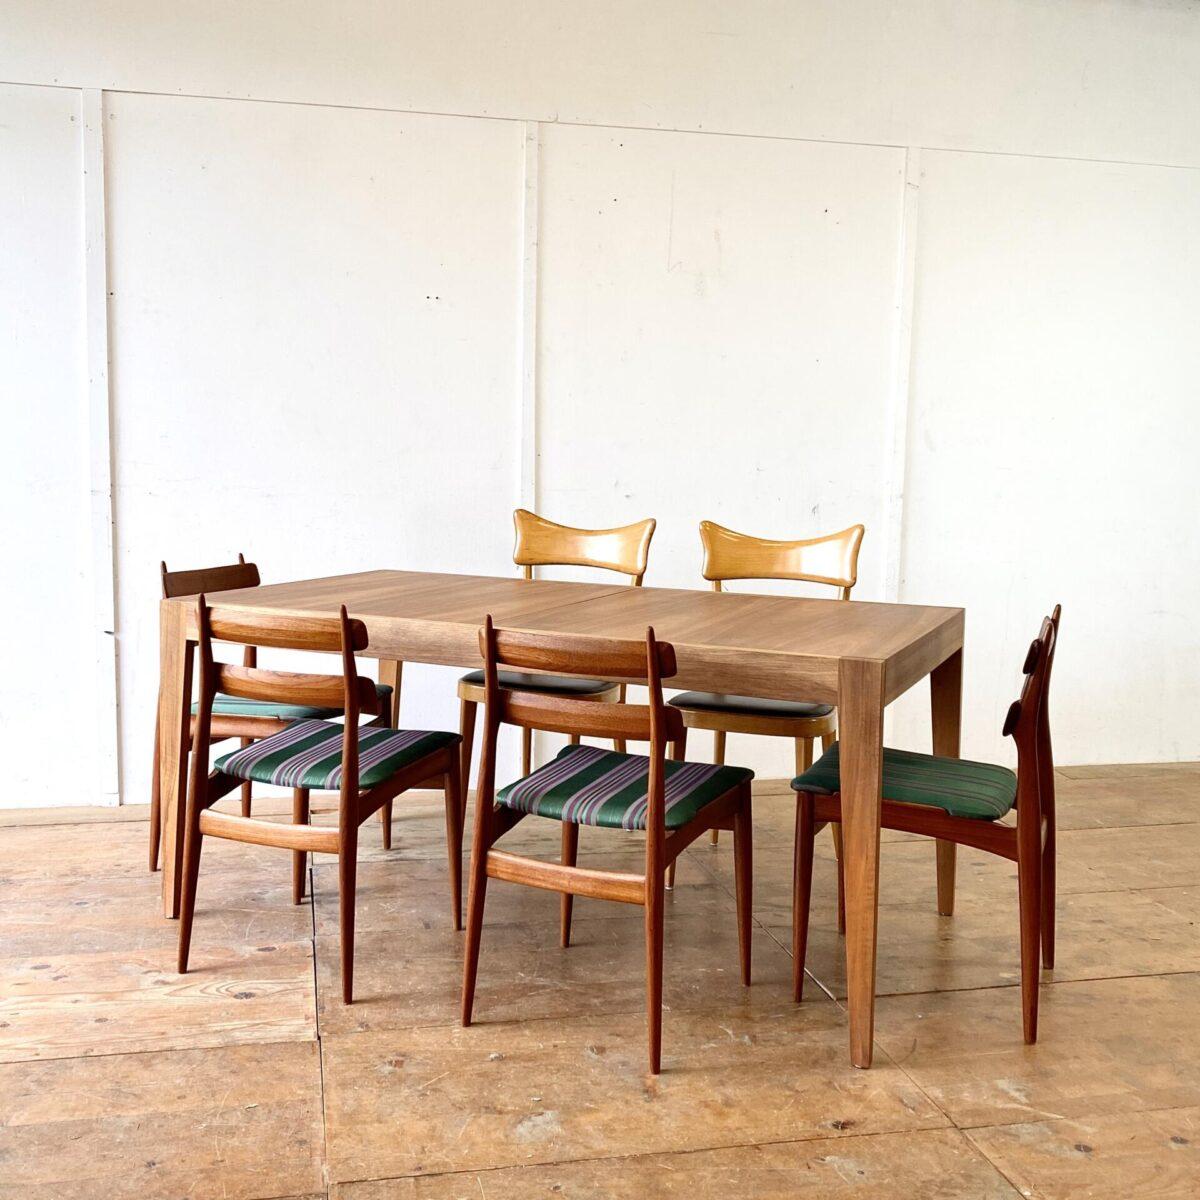 Deuxieme.shop midcentury Tisch. Schlichter Nussbaum Esstisch mit Verlängerung aus den 60er Jahren. 160.5 x 90cm Höhe 72.5cm. Ausgezogen 210cm. Das Tischblatt ist Nussbaum Furniert, Beine und Zargen sind aus Vollholz. Kein Hersteller ersichtlich, würde ich einem Schweizer Fabrikat zuordnen. Die Holzoberflächen sind mit Naturöl behandelt.